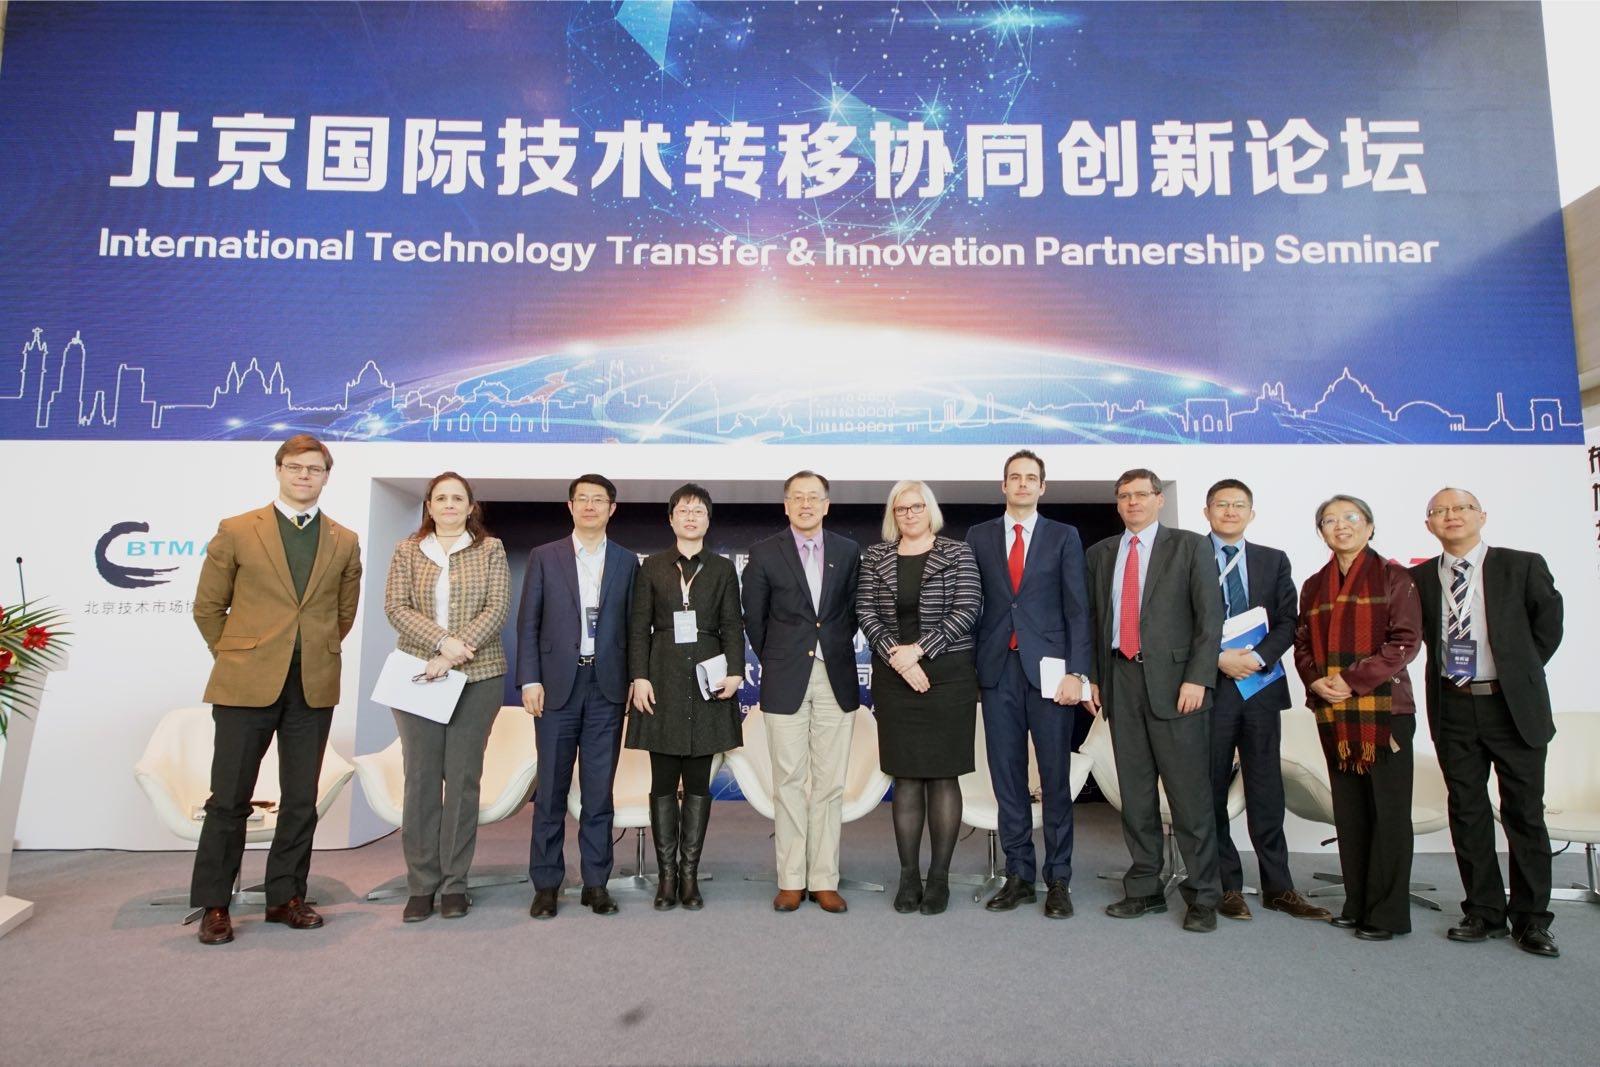 竹海科技国际技术转移创新季正式启幕